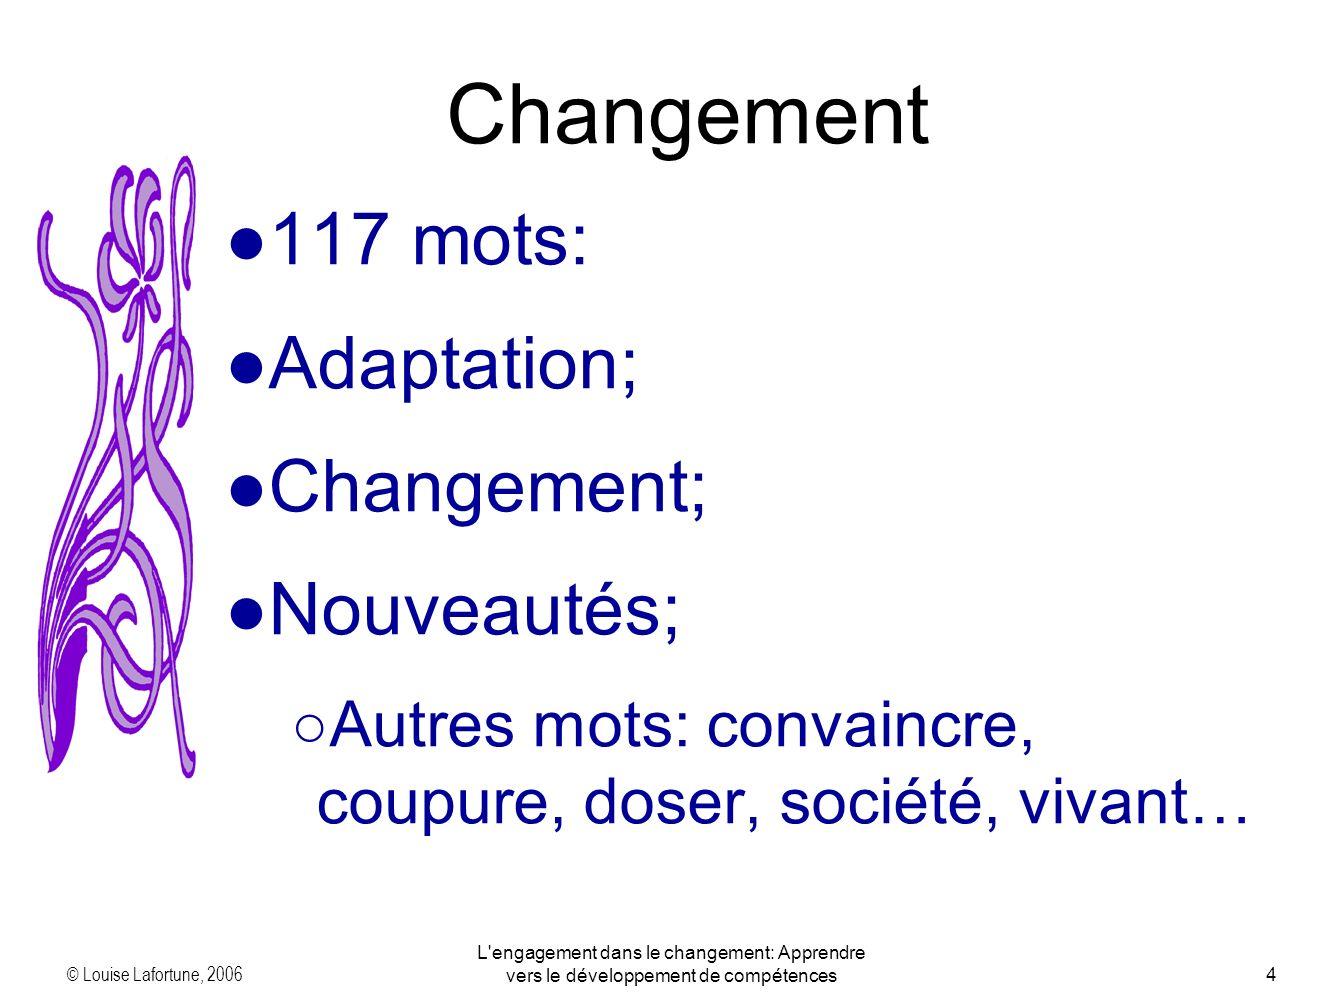 © Louise Lafortune, 2006 L engagement dans le changement: Apprendre vers le développement de compétences4 Changement 117 mots: Adaptation; Changement; Nouveautés; Autres mots: convaincre, coupure, doser, société, vivant…